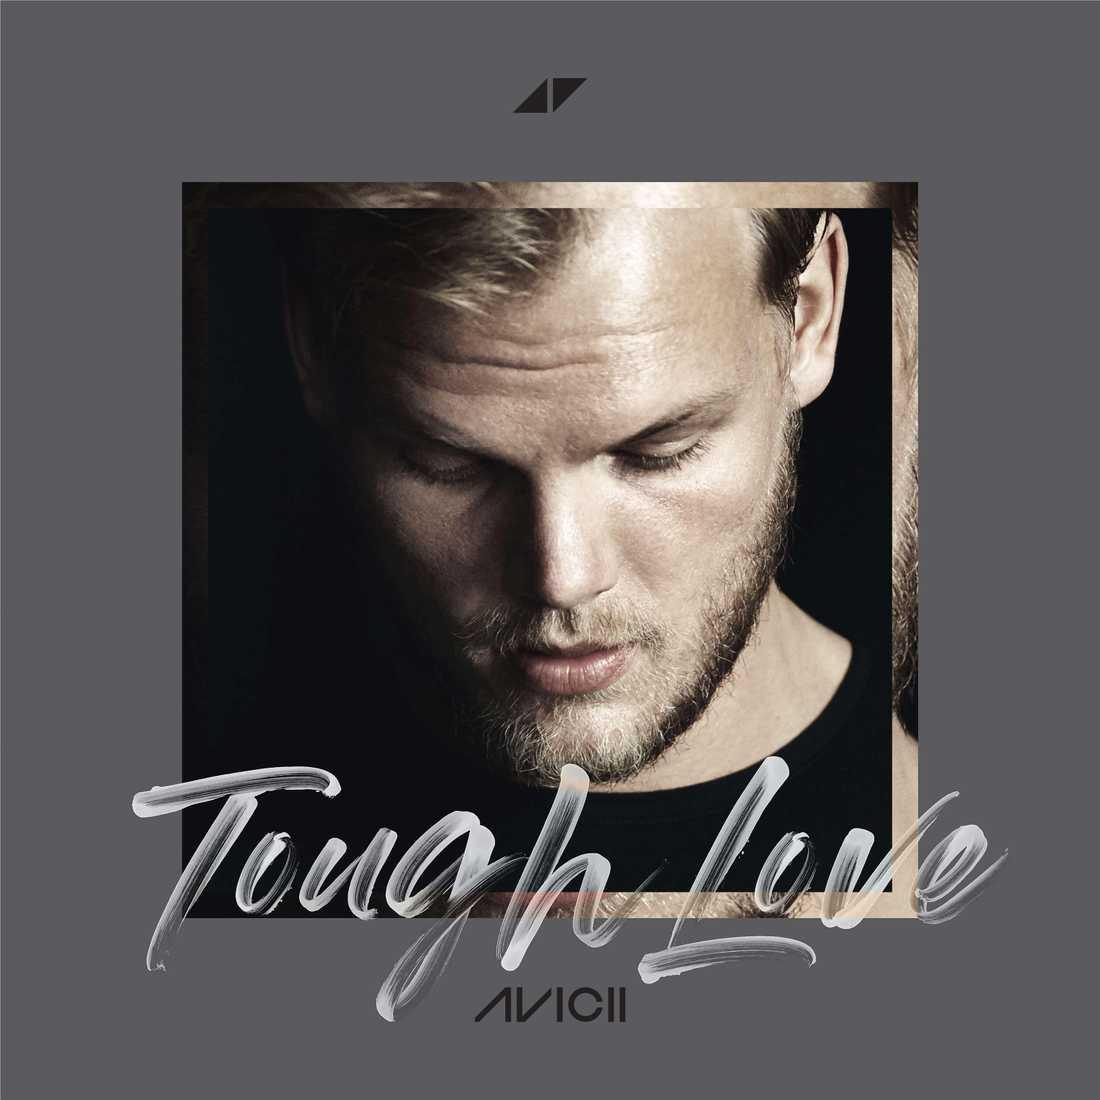 """Aviciis nya singel """"Tough love"""""""